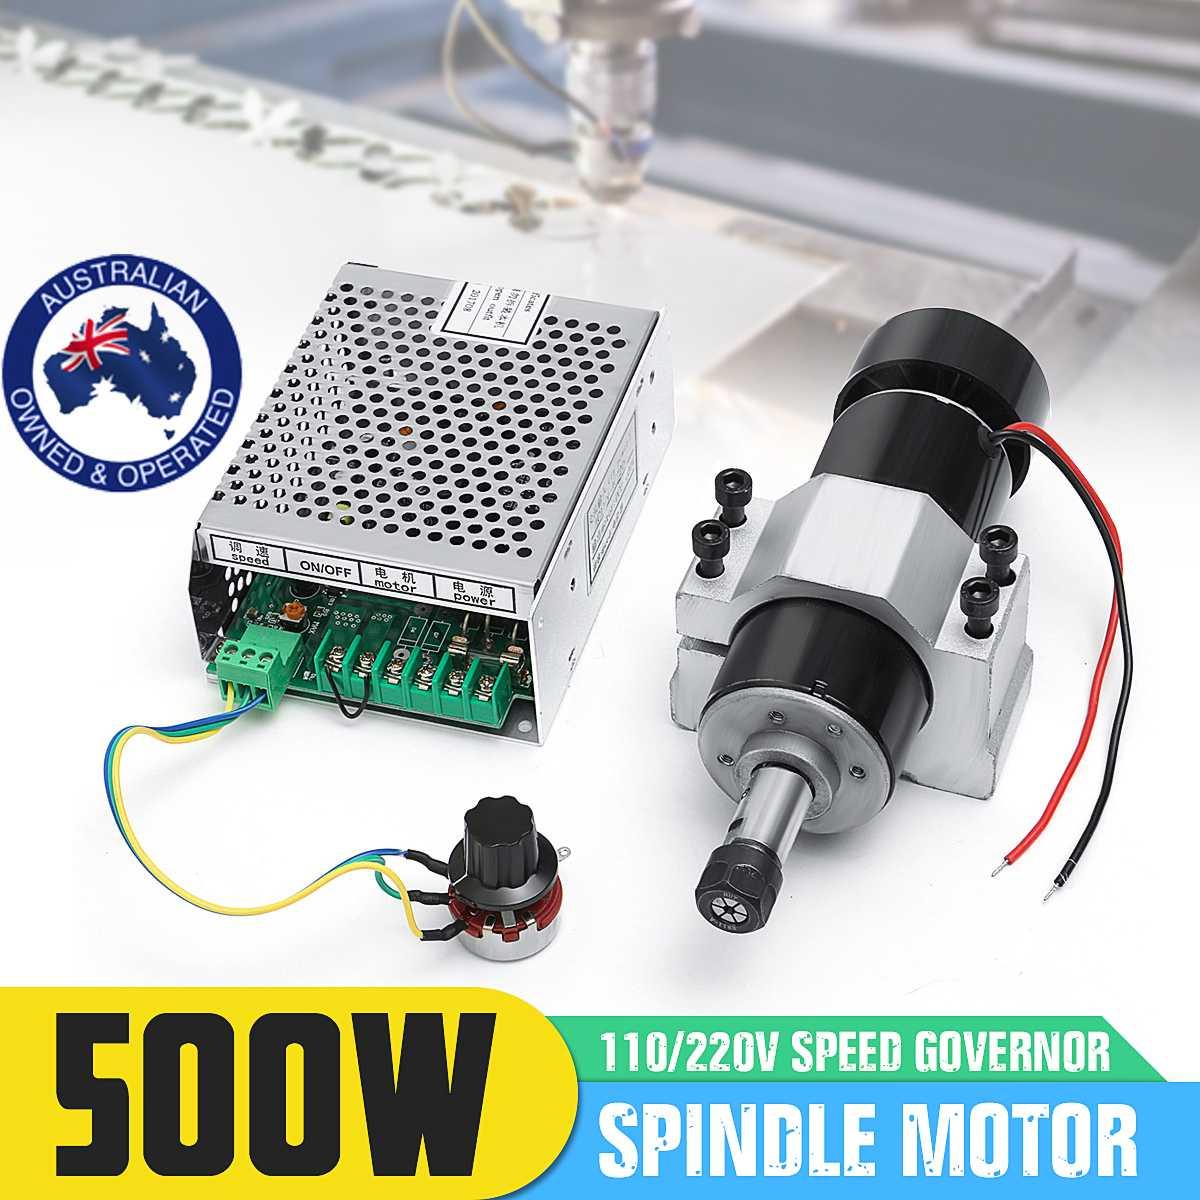 Motor do eixo de 110-220 v 500 w com regulador de velocidade e braçadeira de 52mm para a máquina do cnc